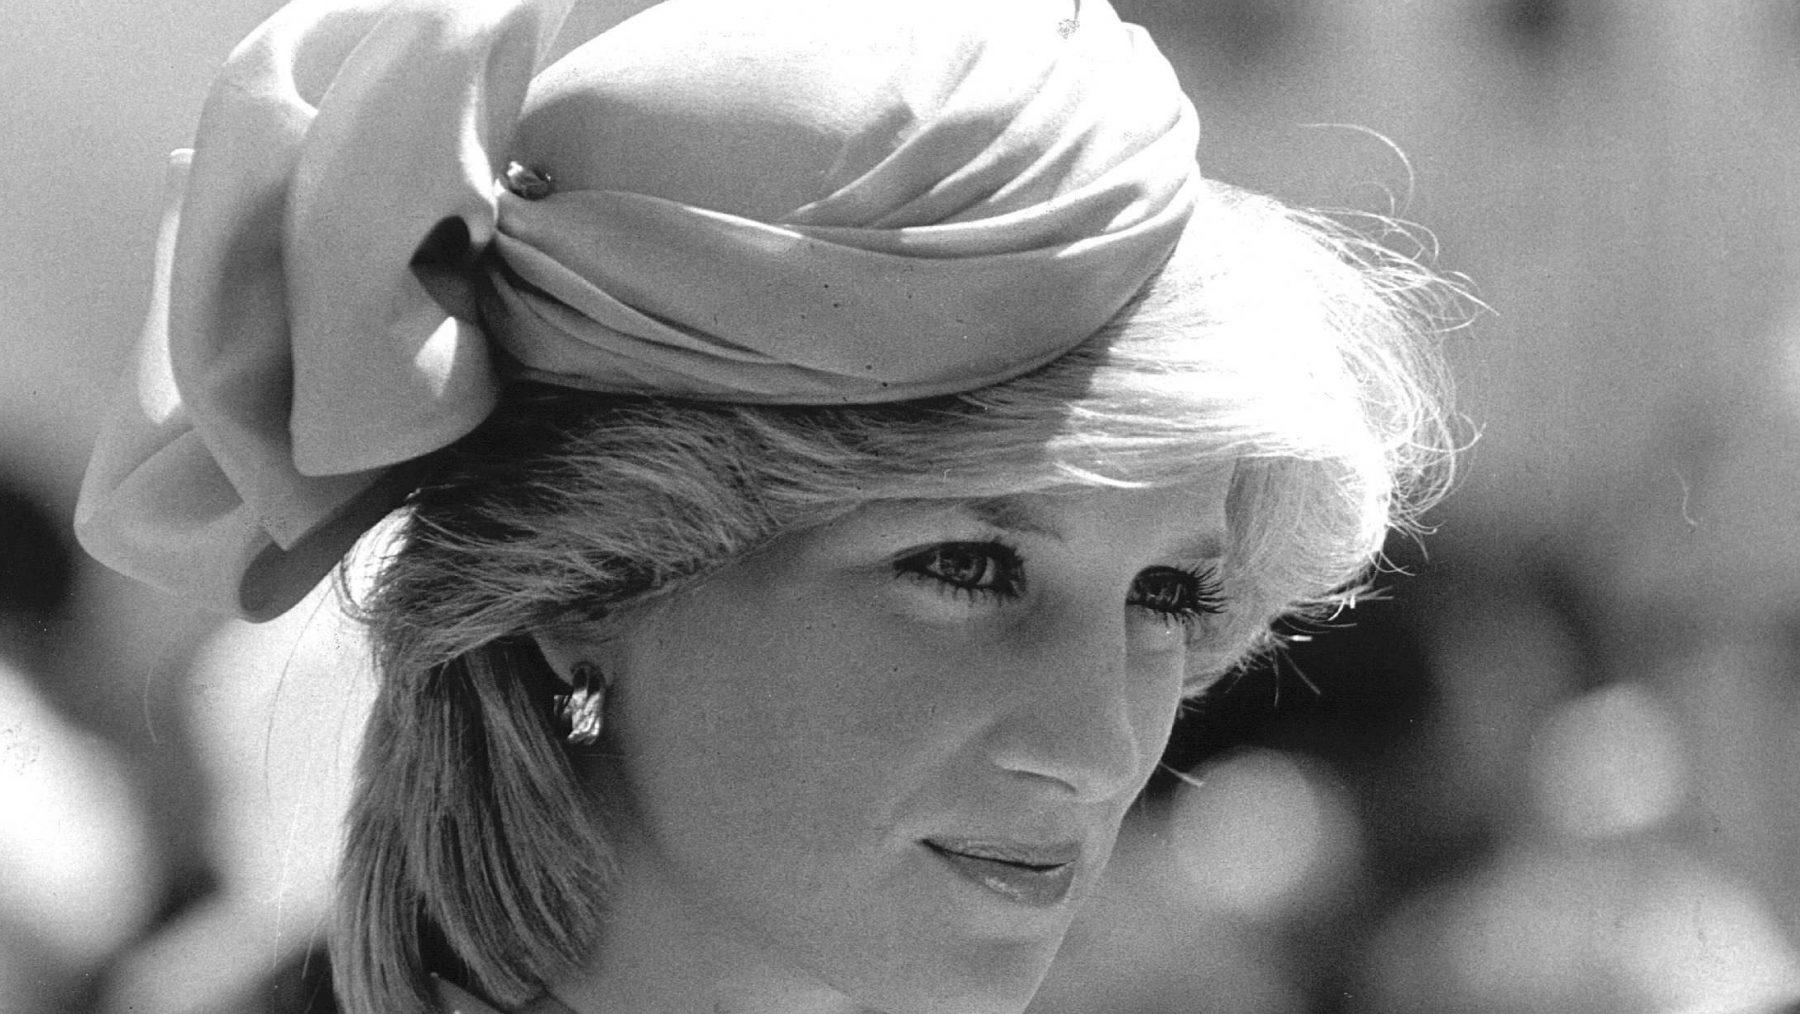 Broer van prinses Diana openhartig over scheiding ouders: 'Weinig liefde van onze moeder'